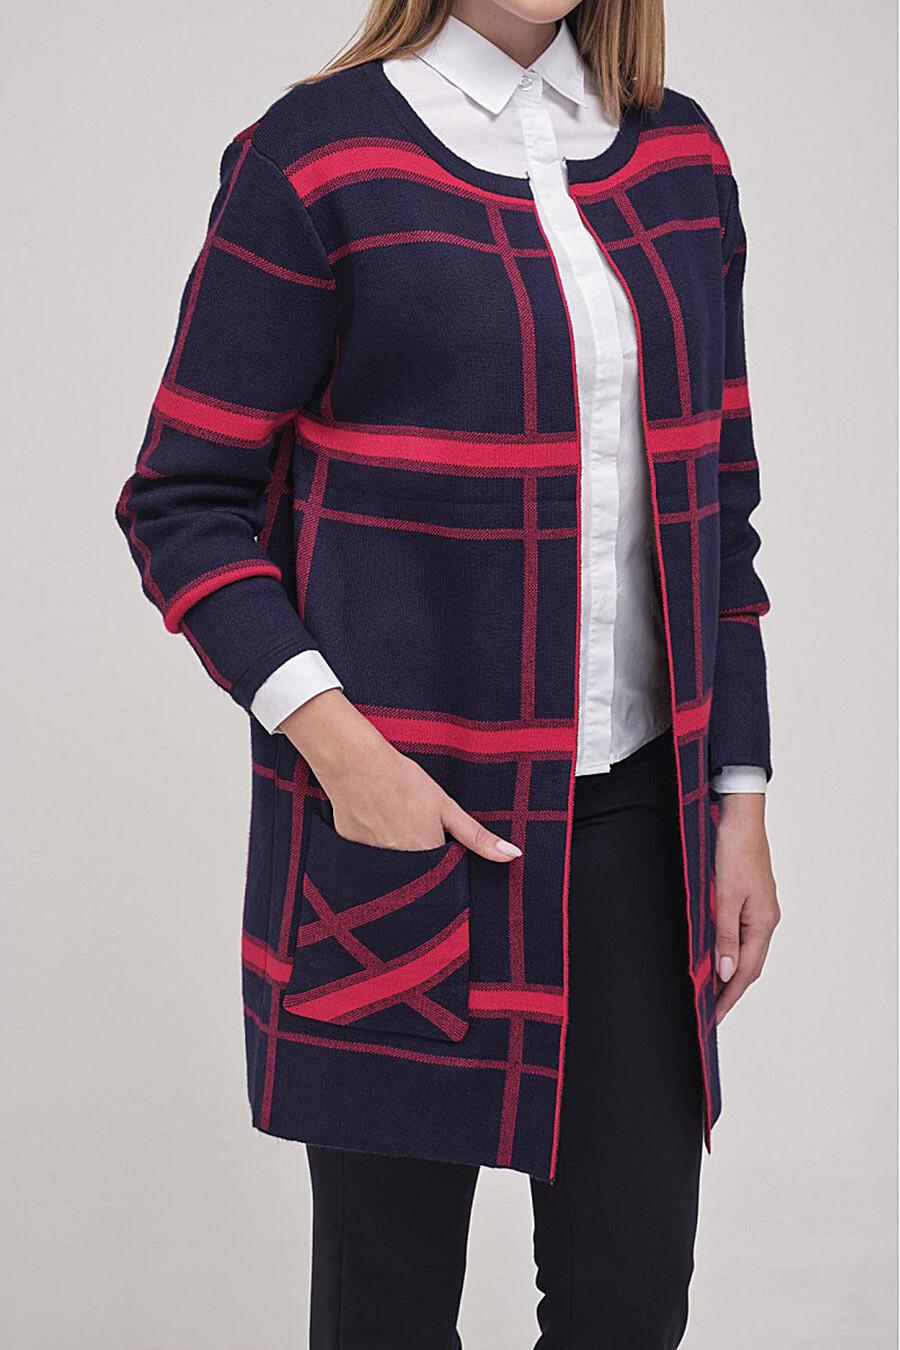 Кардиган MARIMAY (238527), купить в Moyo.moda